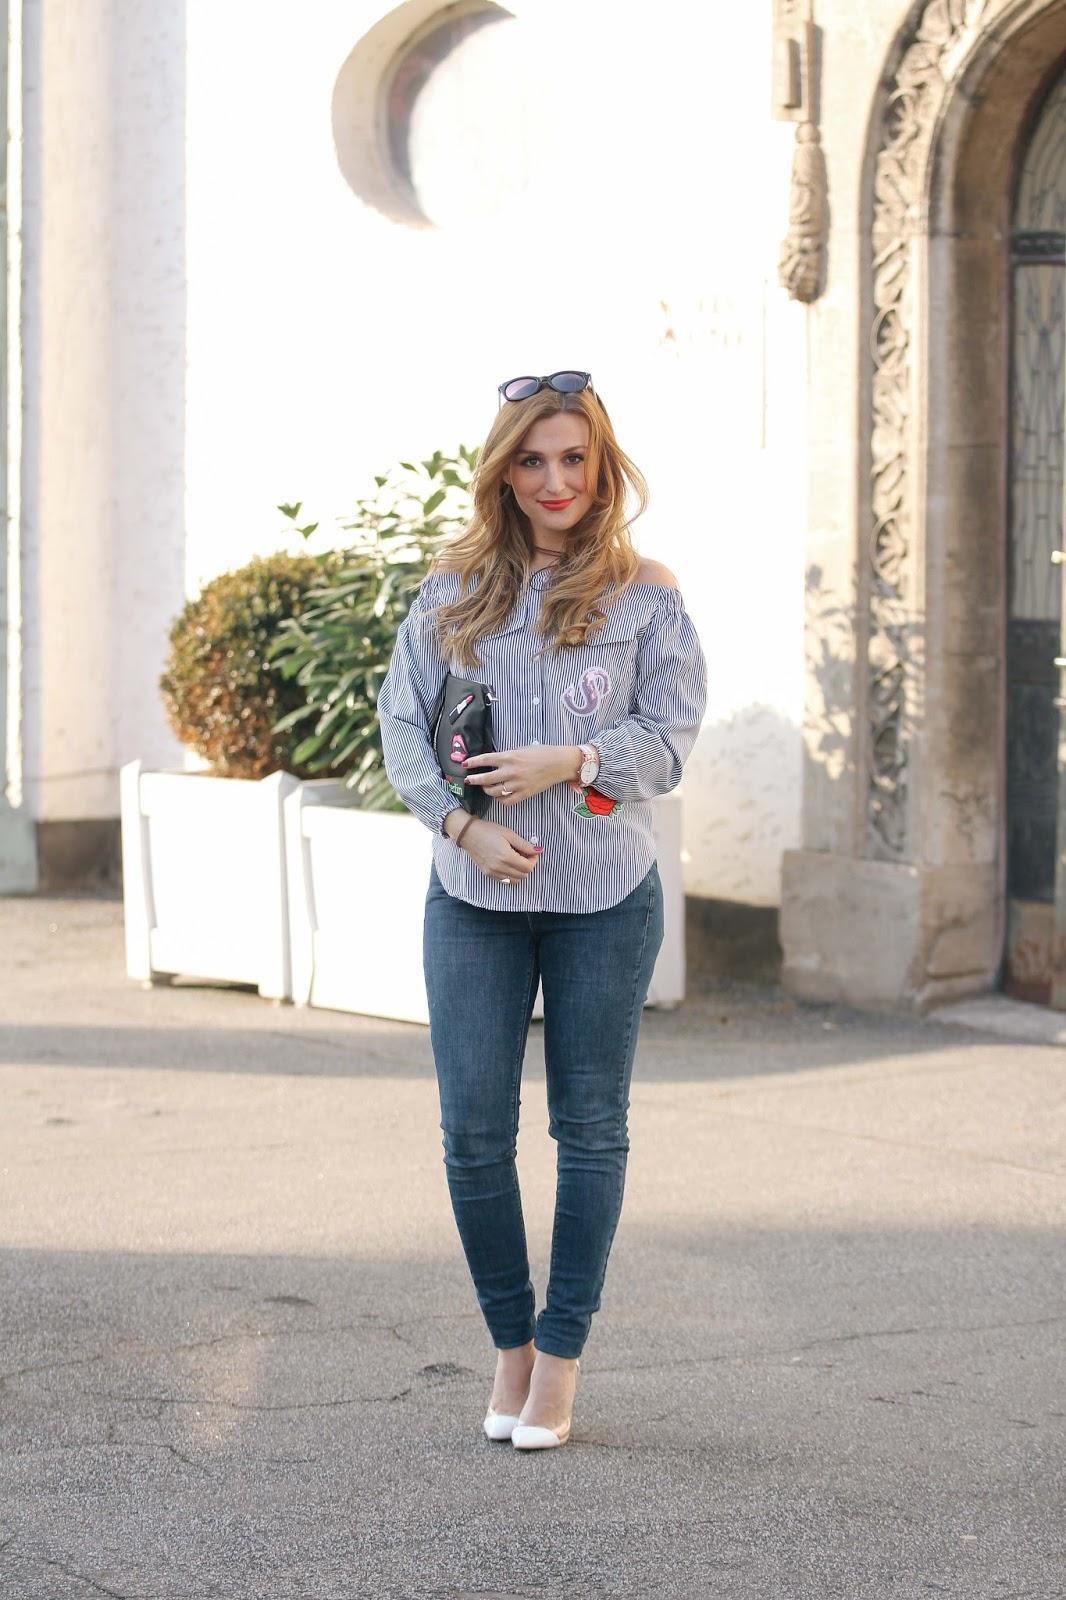 Blogger-aus-deutschland-deutsche-fashionblogger-fashionblogger-aus-deutschland-offshoulder-bluse-angesagte-trends